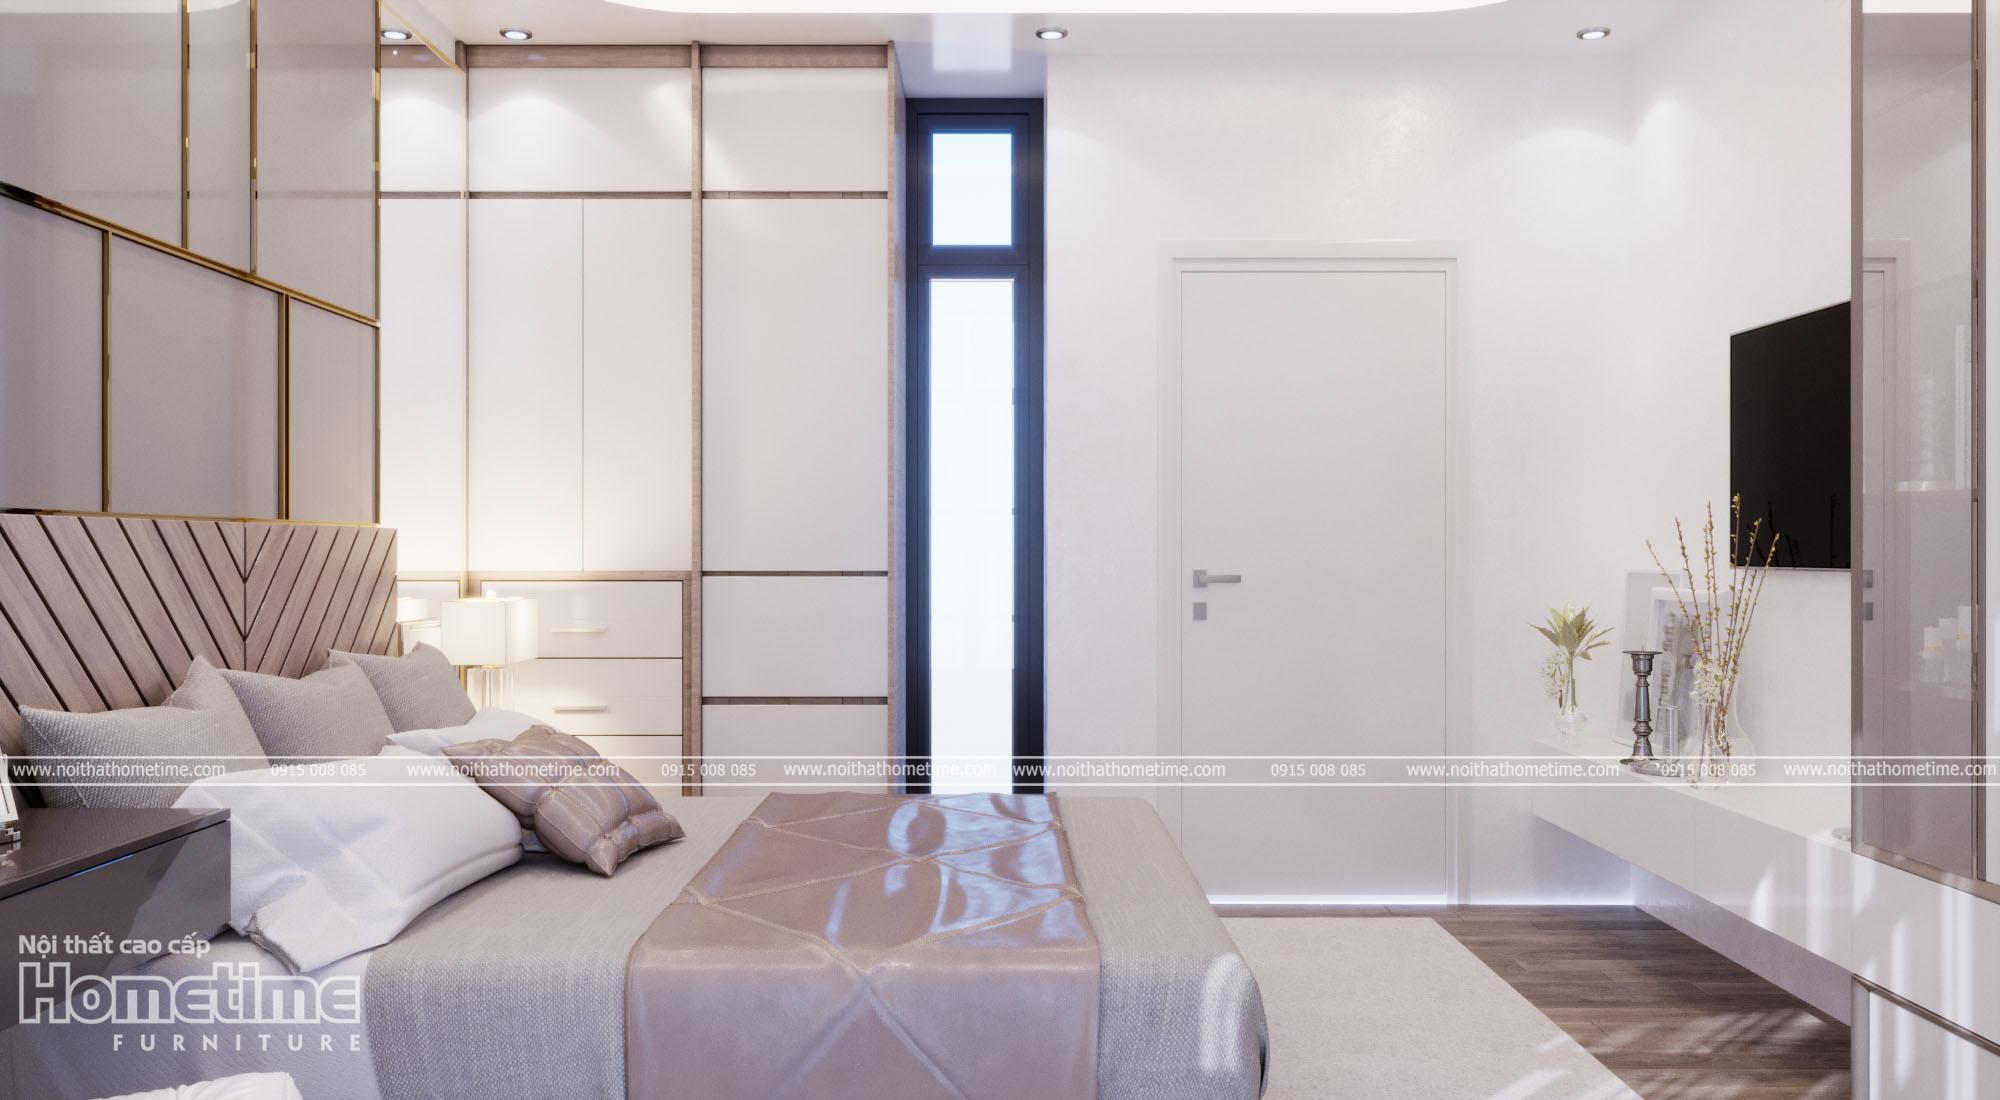 Sự kết hợp hài hòa màu sắc trong căn phòng ngủ